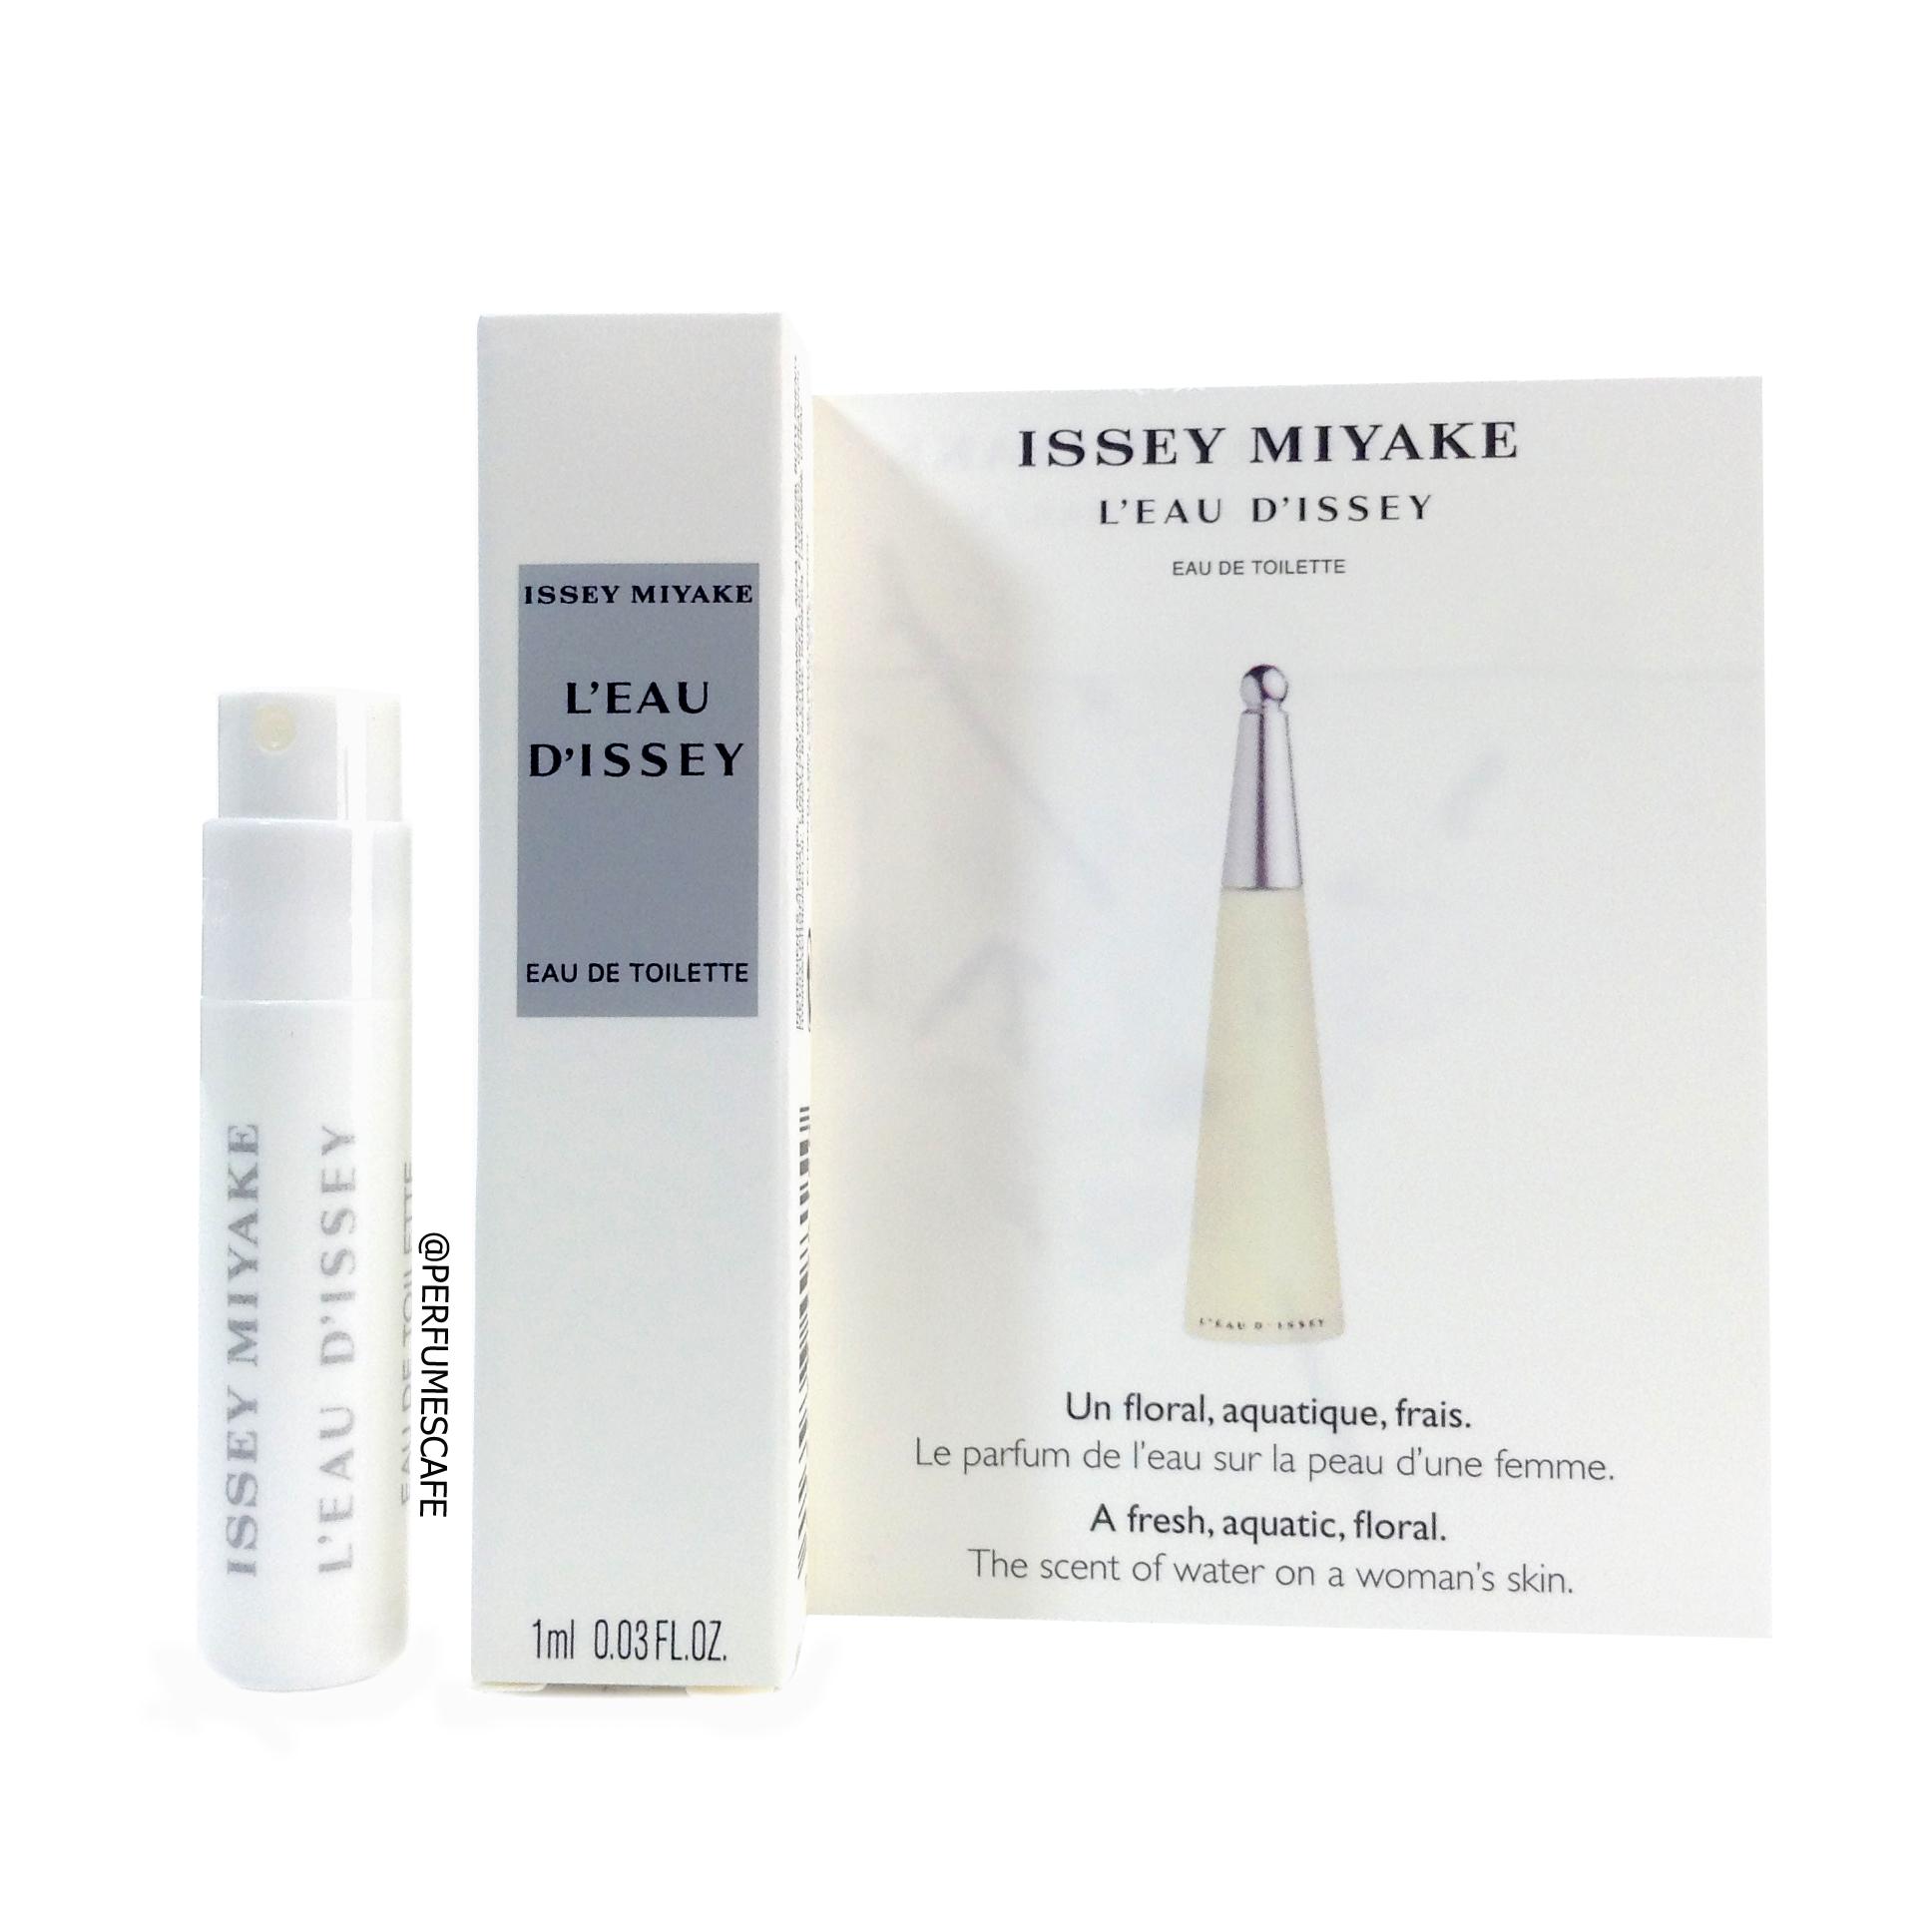 น้ำหอม Issey Miyake L'eau D'Issey EDT ขนาด 1ml